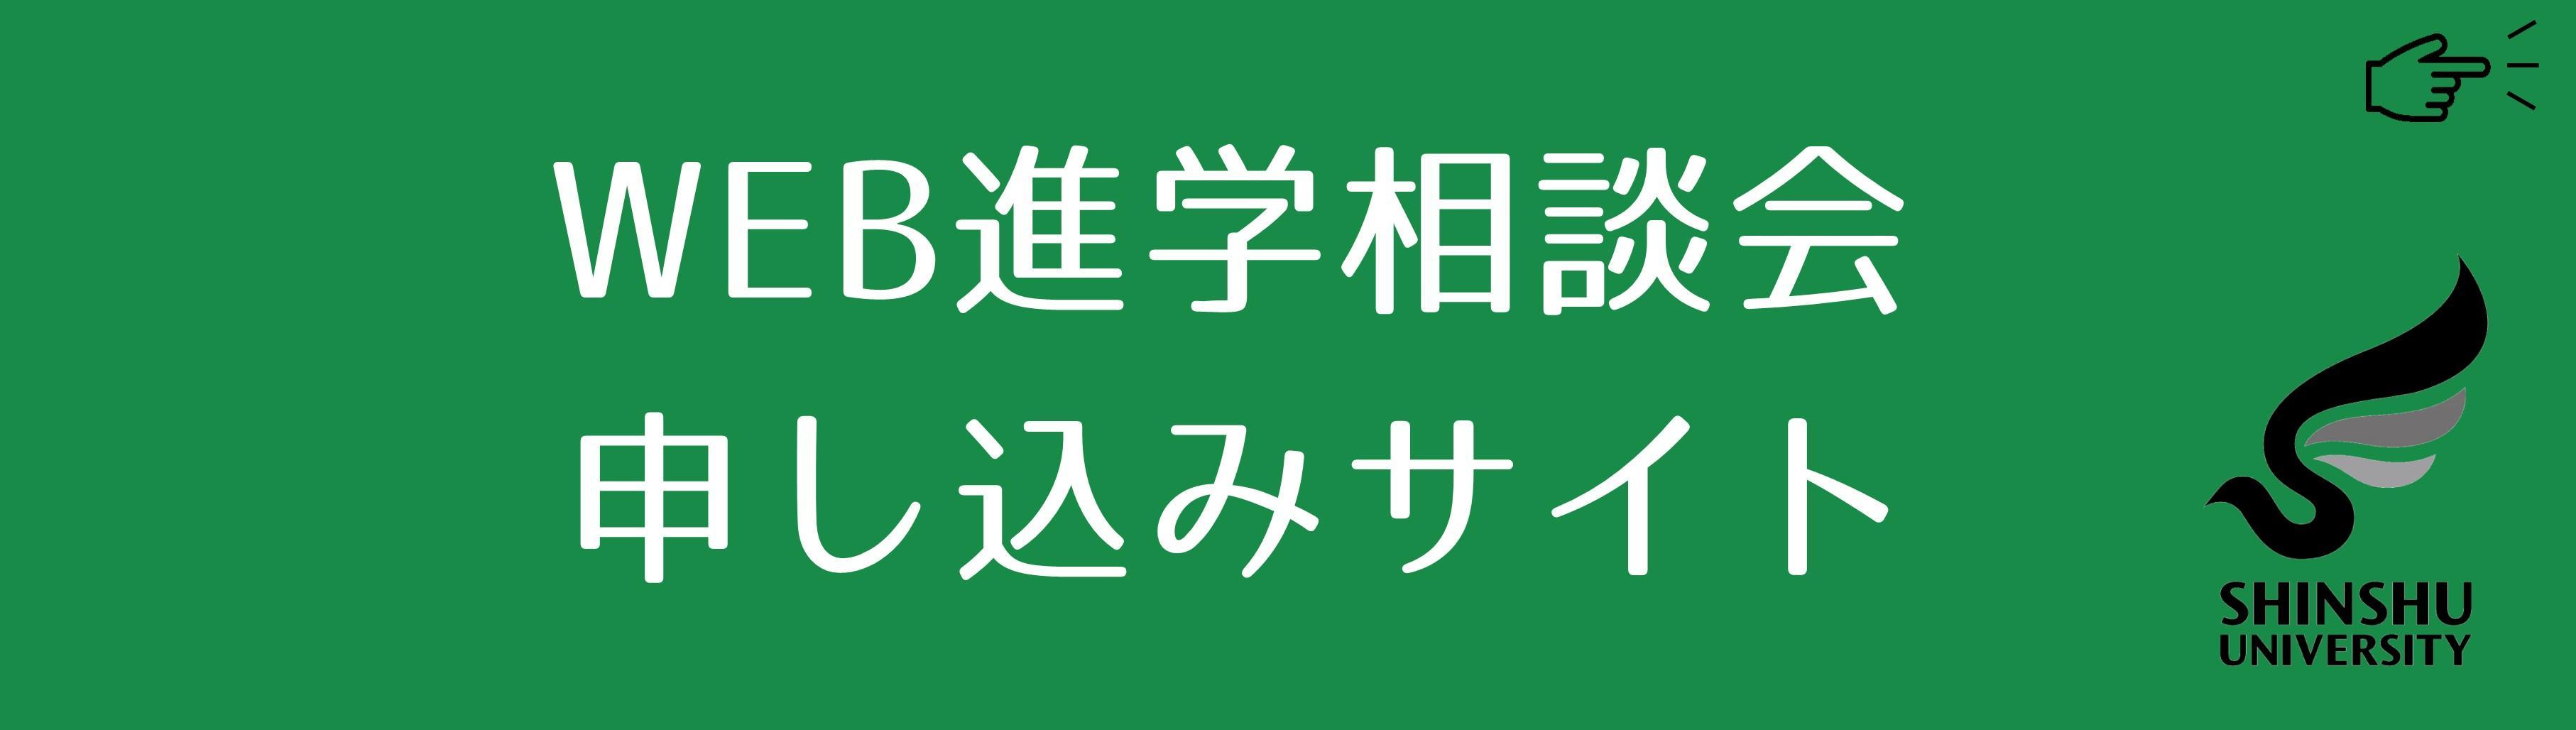 募集要項配布.jpg